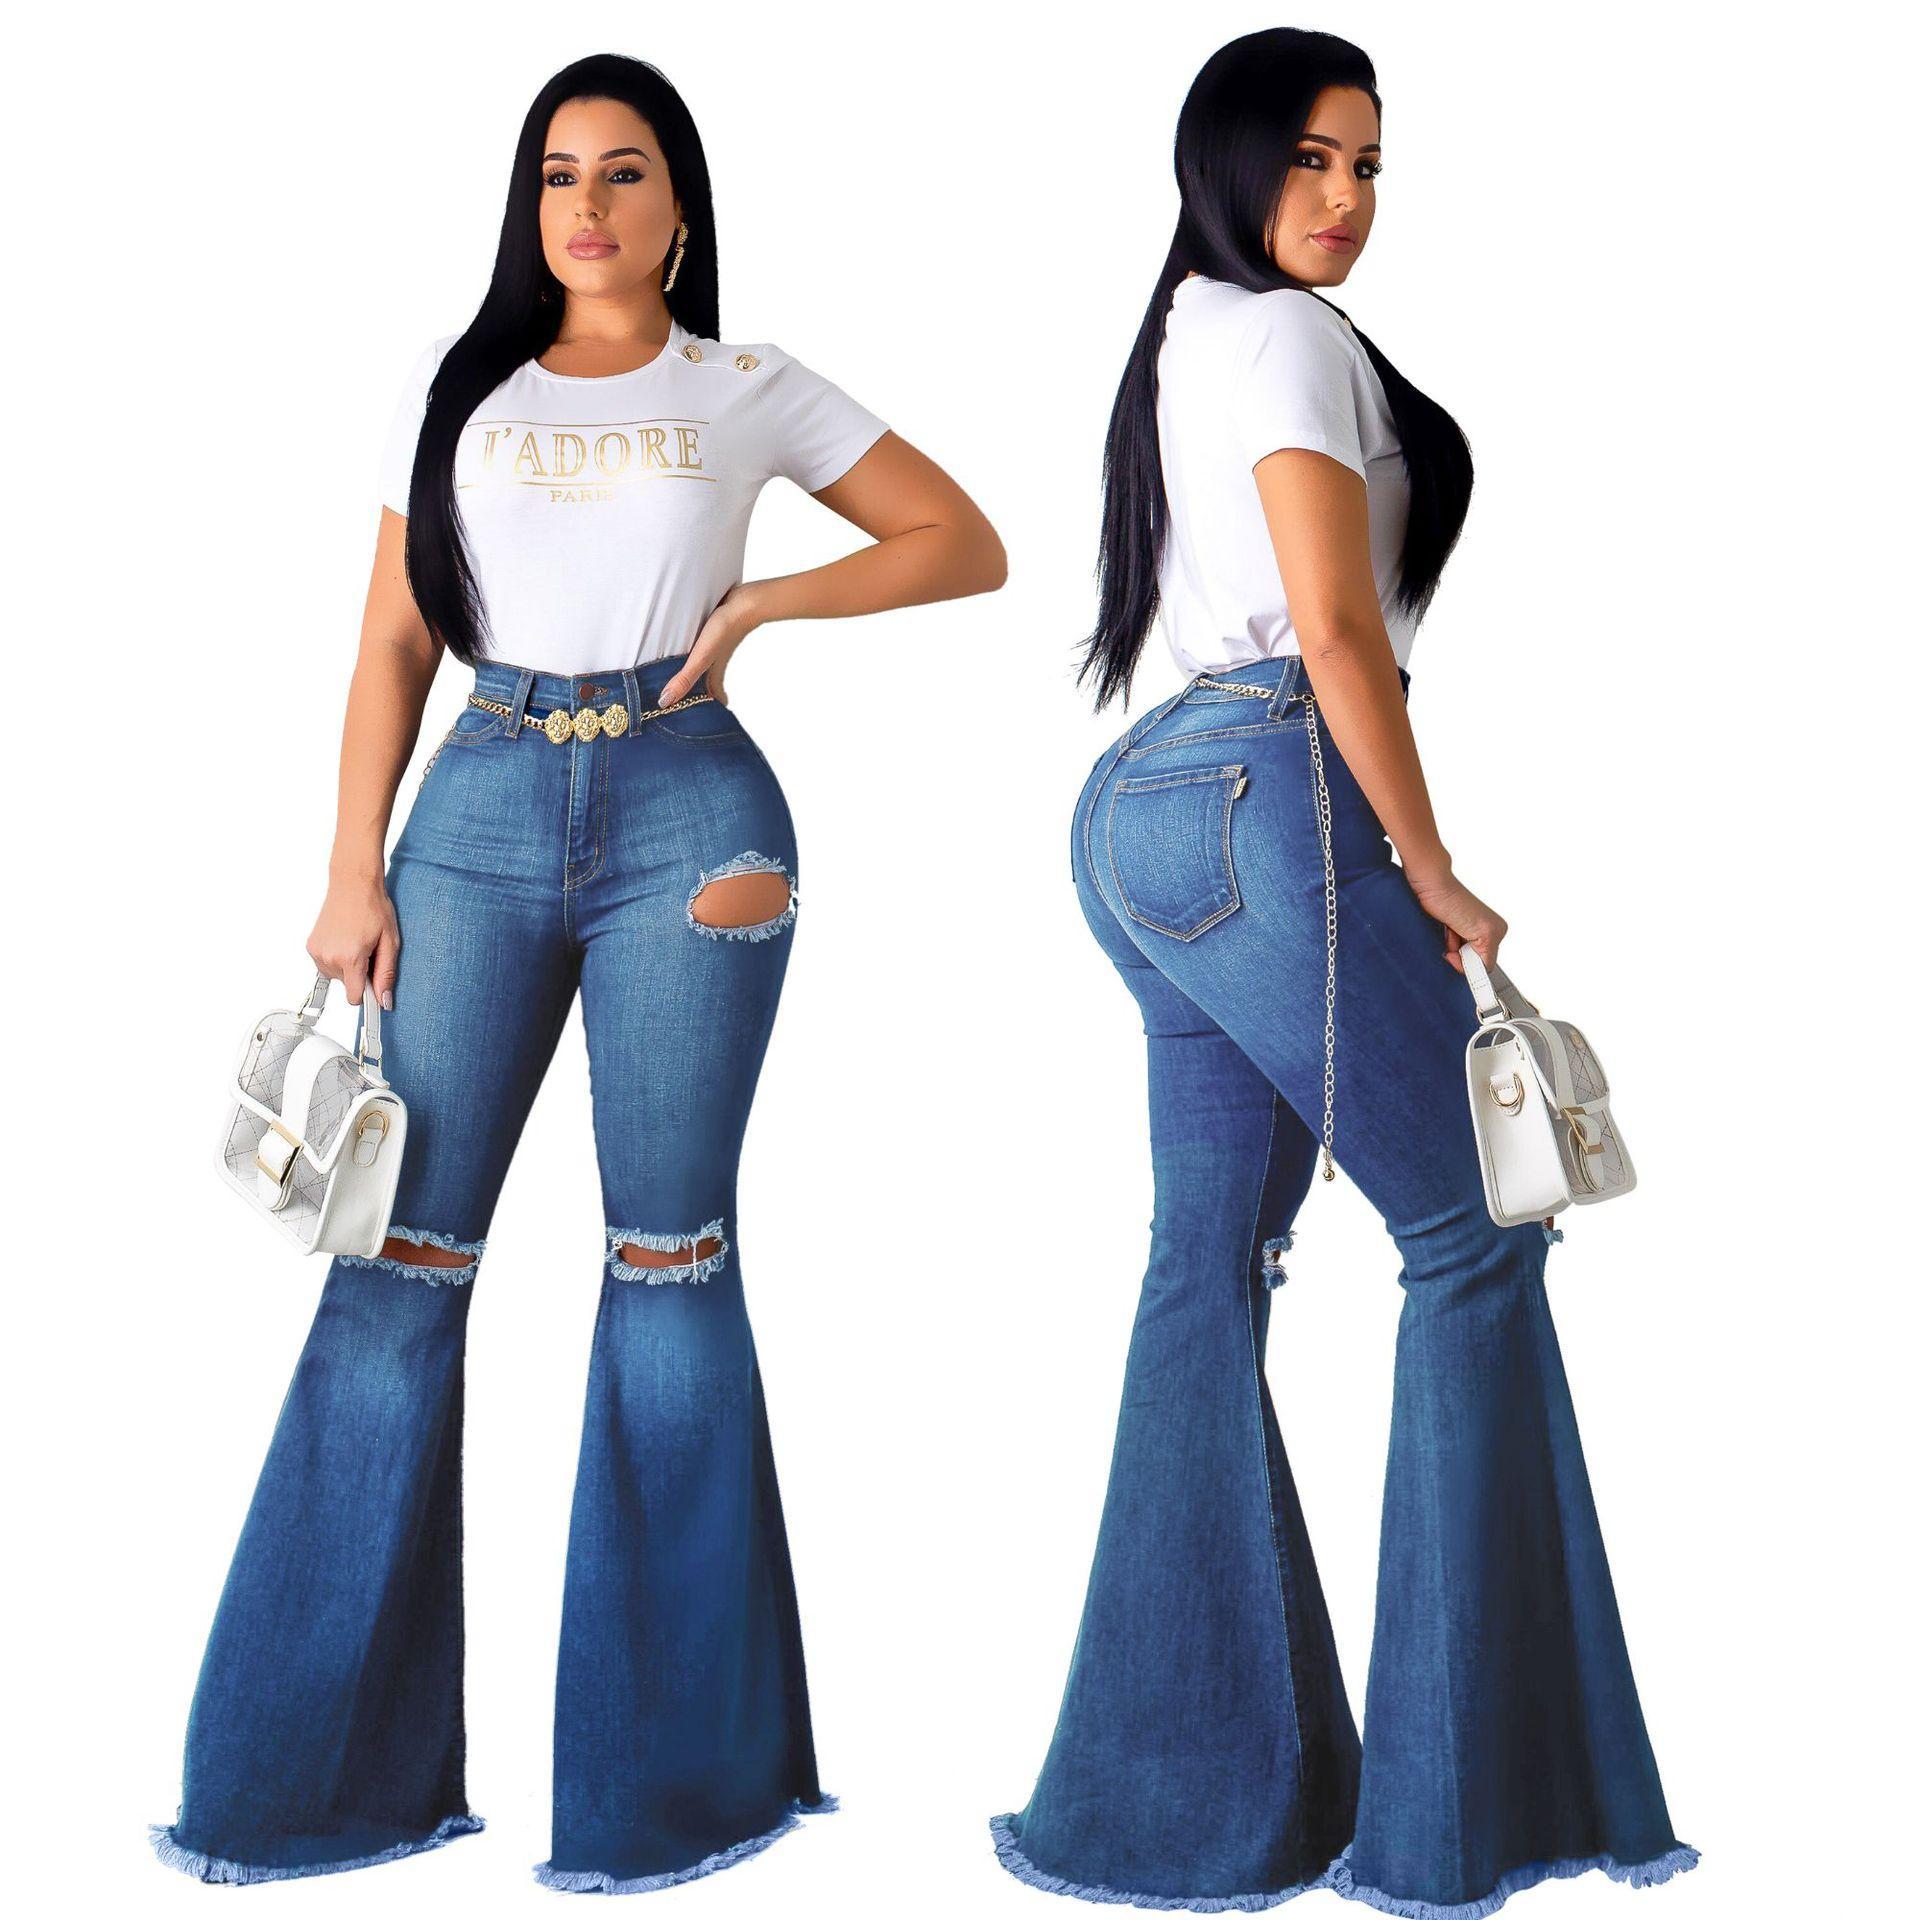 여성 높은 허리 Bodycon 데님 팬츠 고민 찢어진 플레어 데님 청바지 슬림핏 솔리드 블루 스키니 슬림 맞추기 세련된 플러스 사이즈 청바지